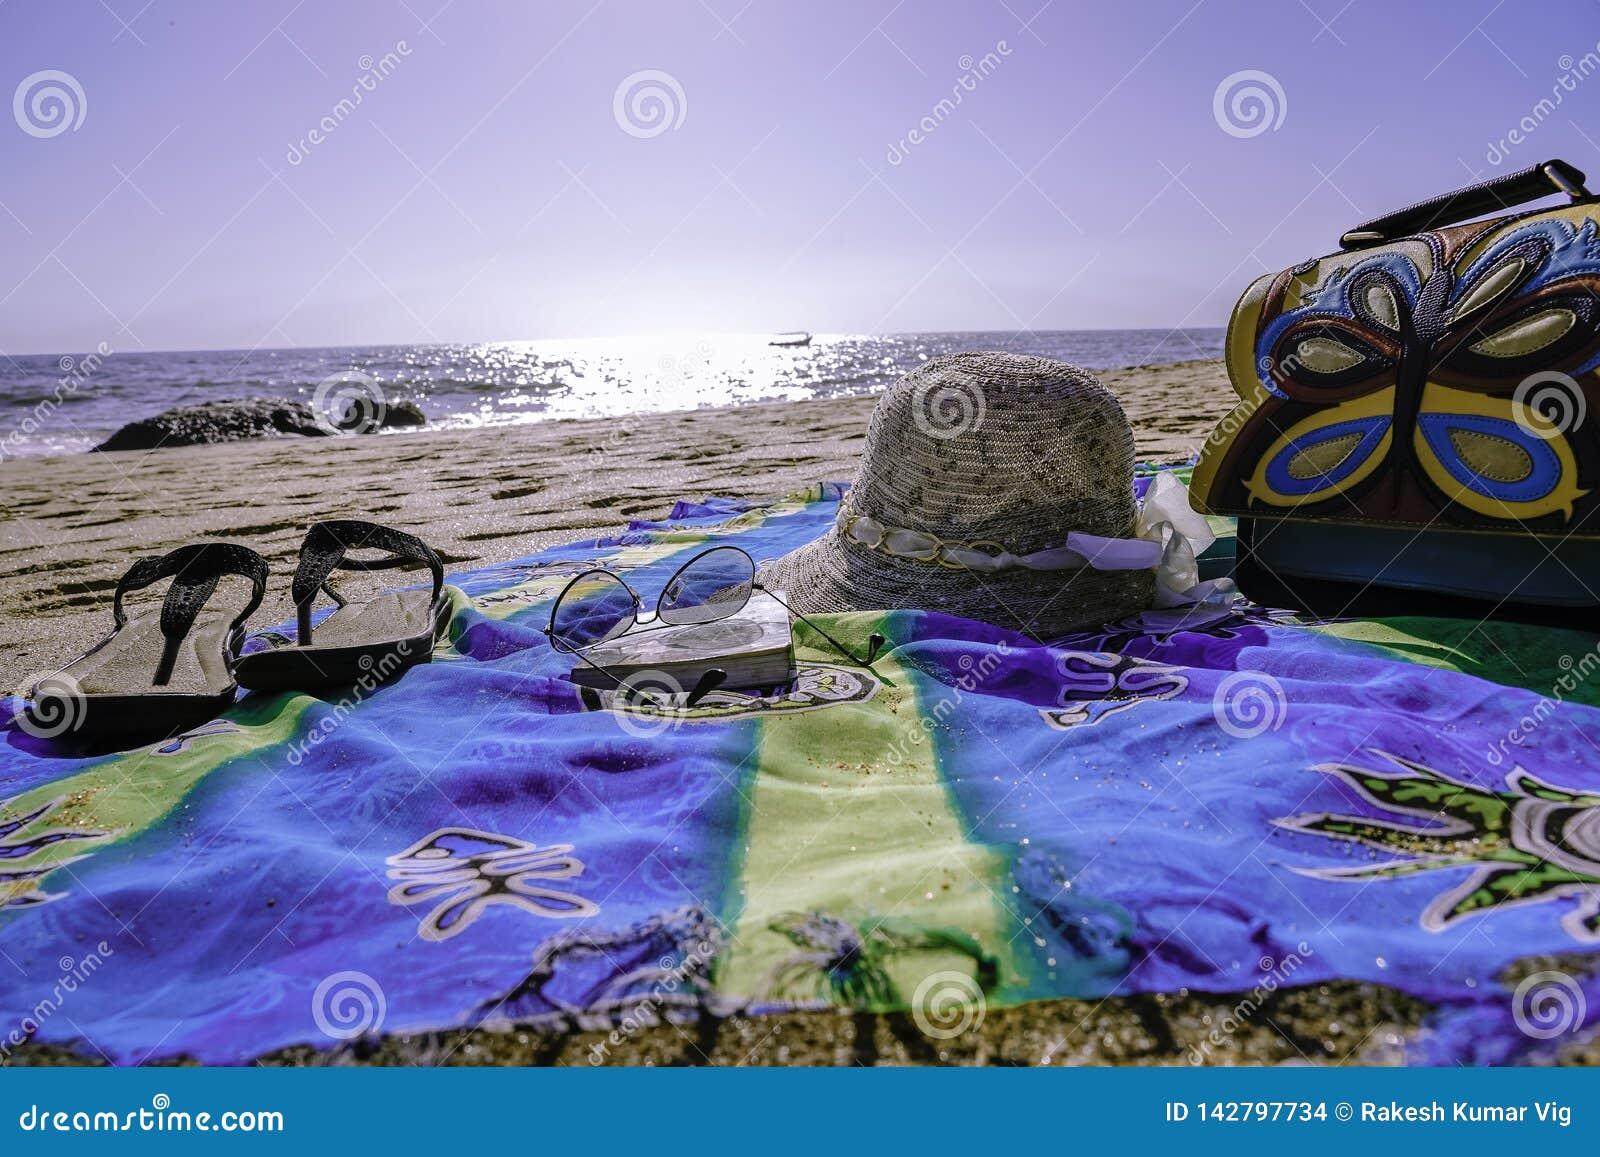 Butin sur la plage avec des lunettes de chapeau de pantoufles et un sac